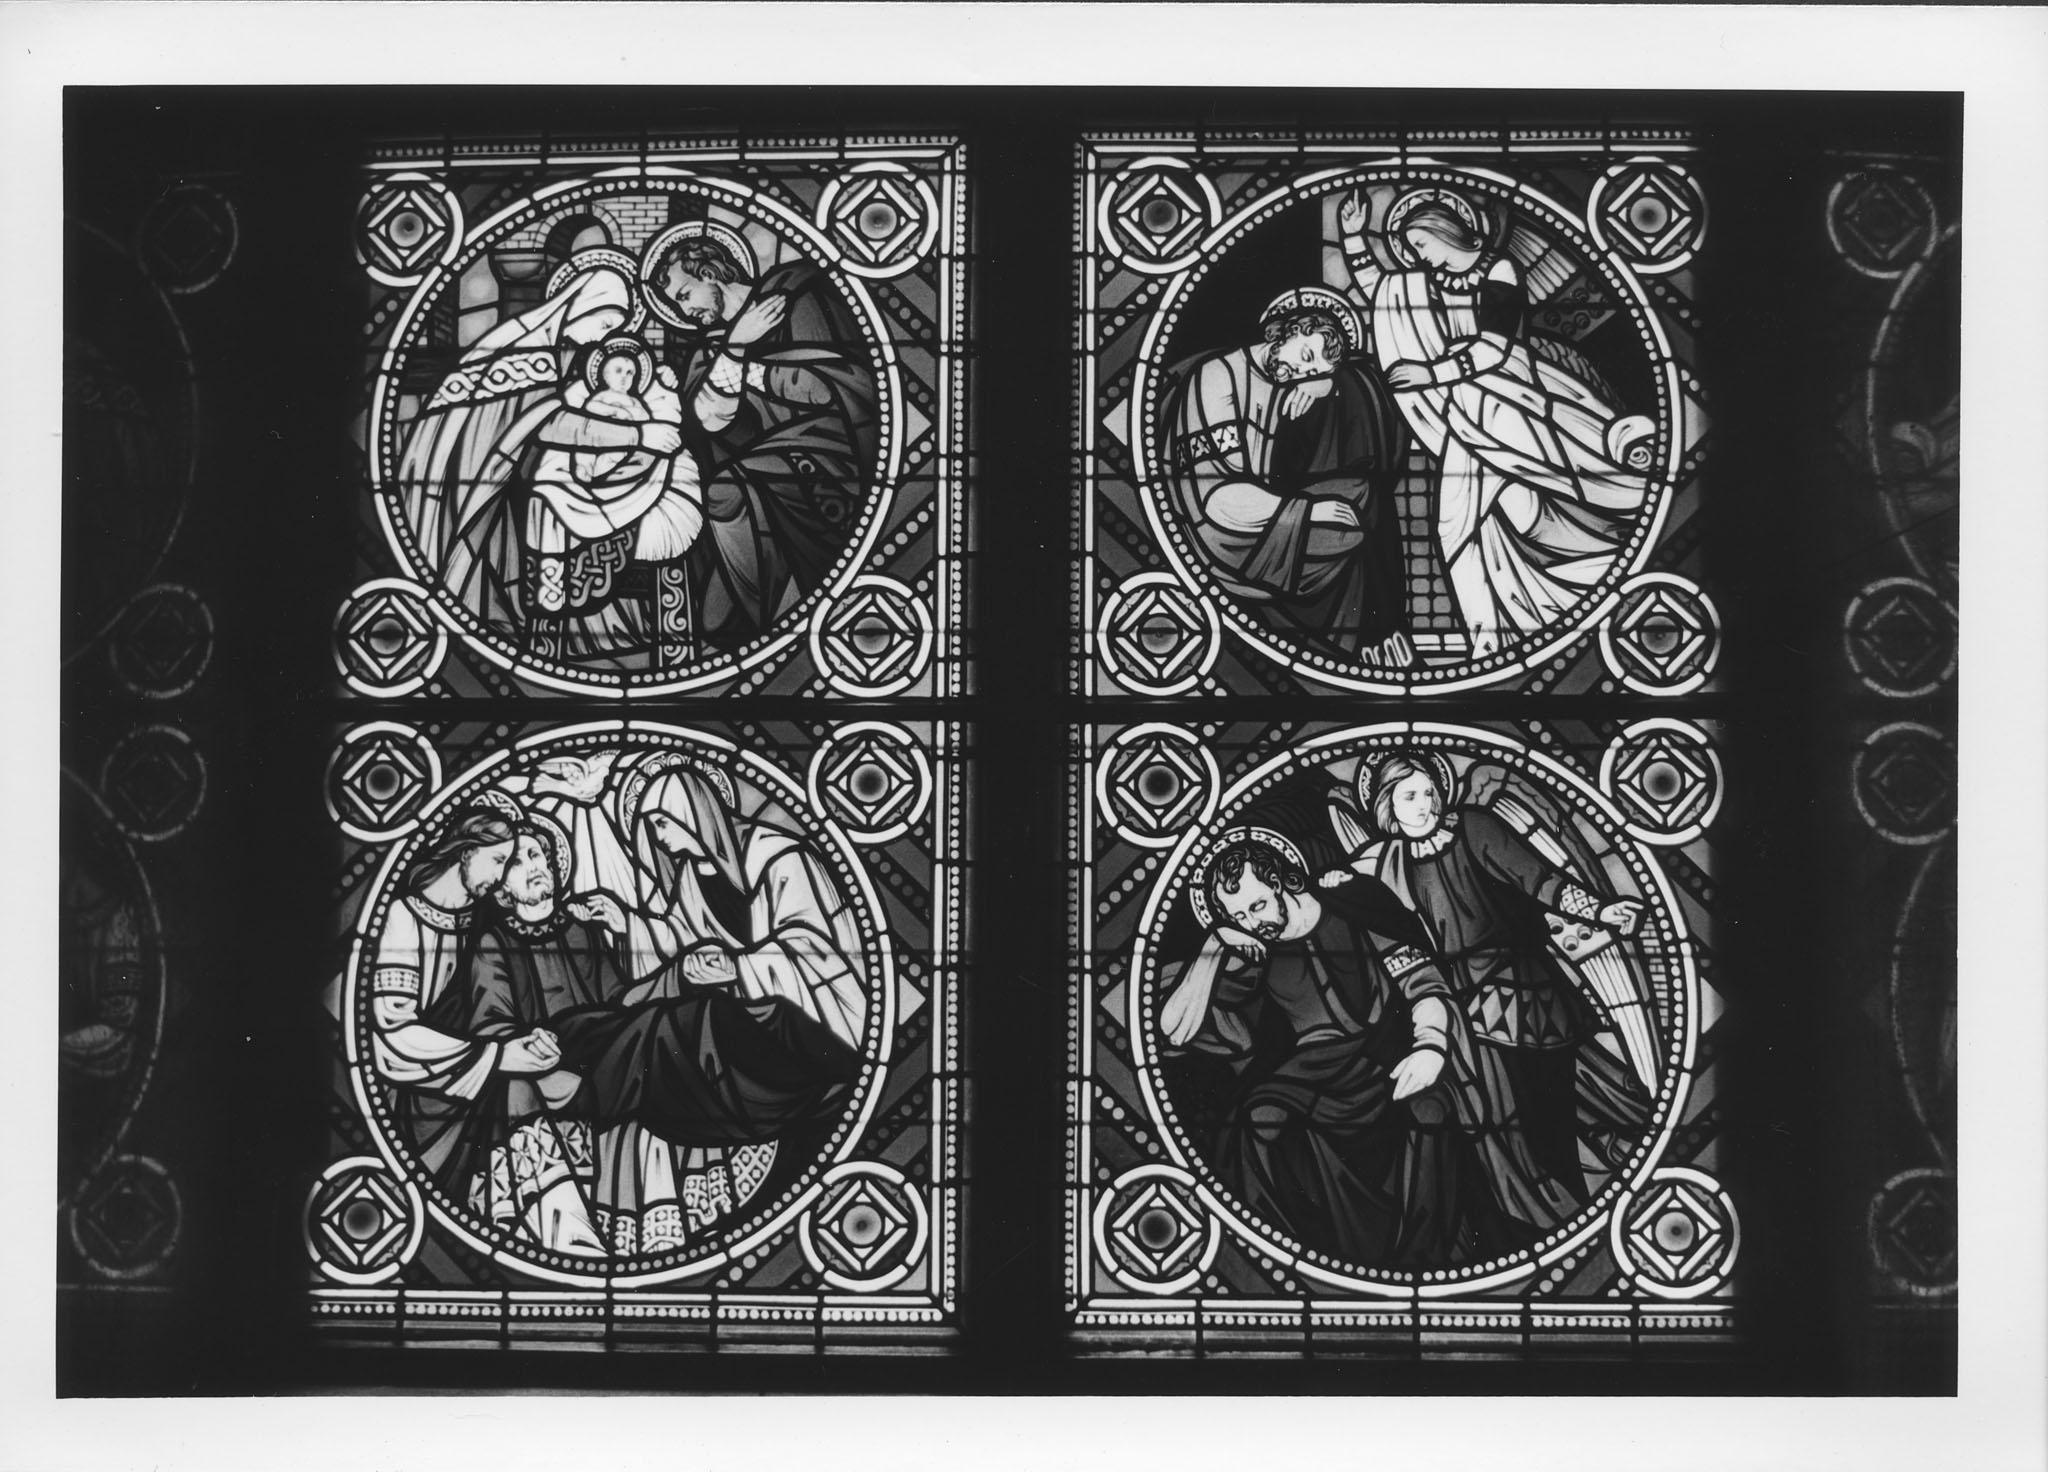 St. Joseph chapel windows